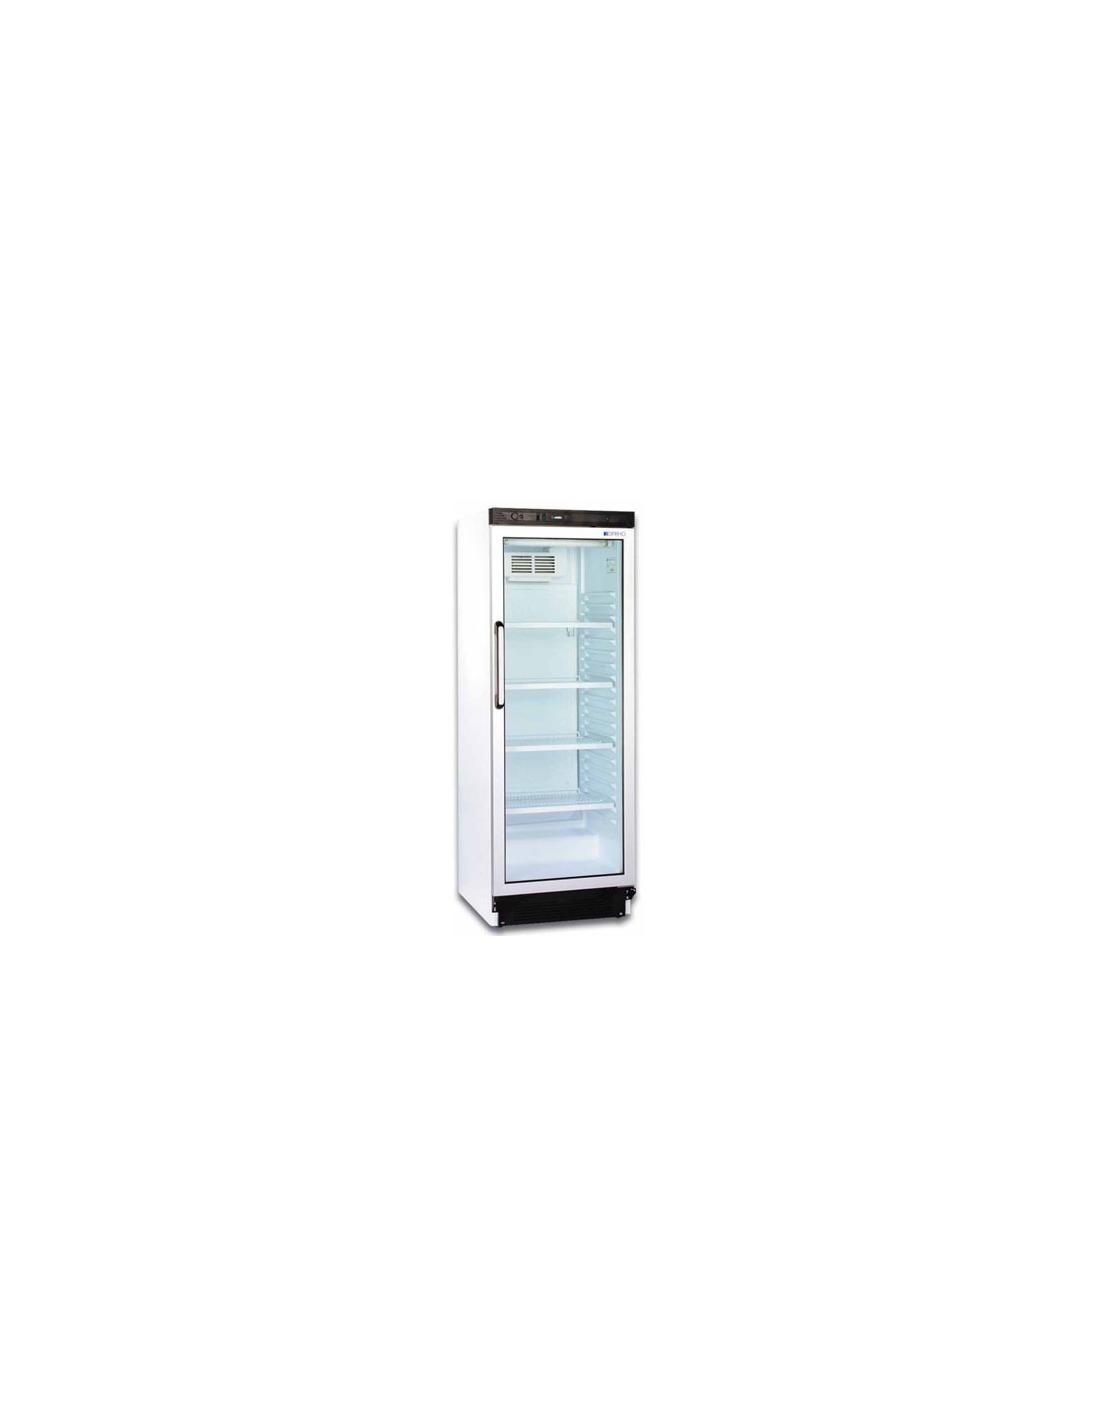 Armario expositor refrigerado m s barato en la hostelera for Armarios de 4 puertas baratos